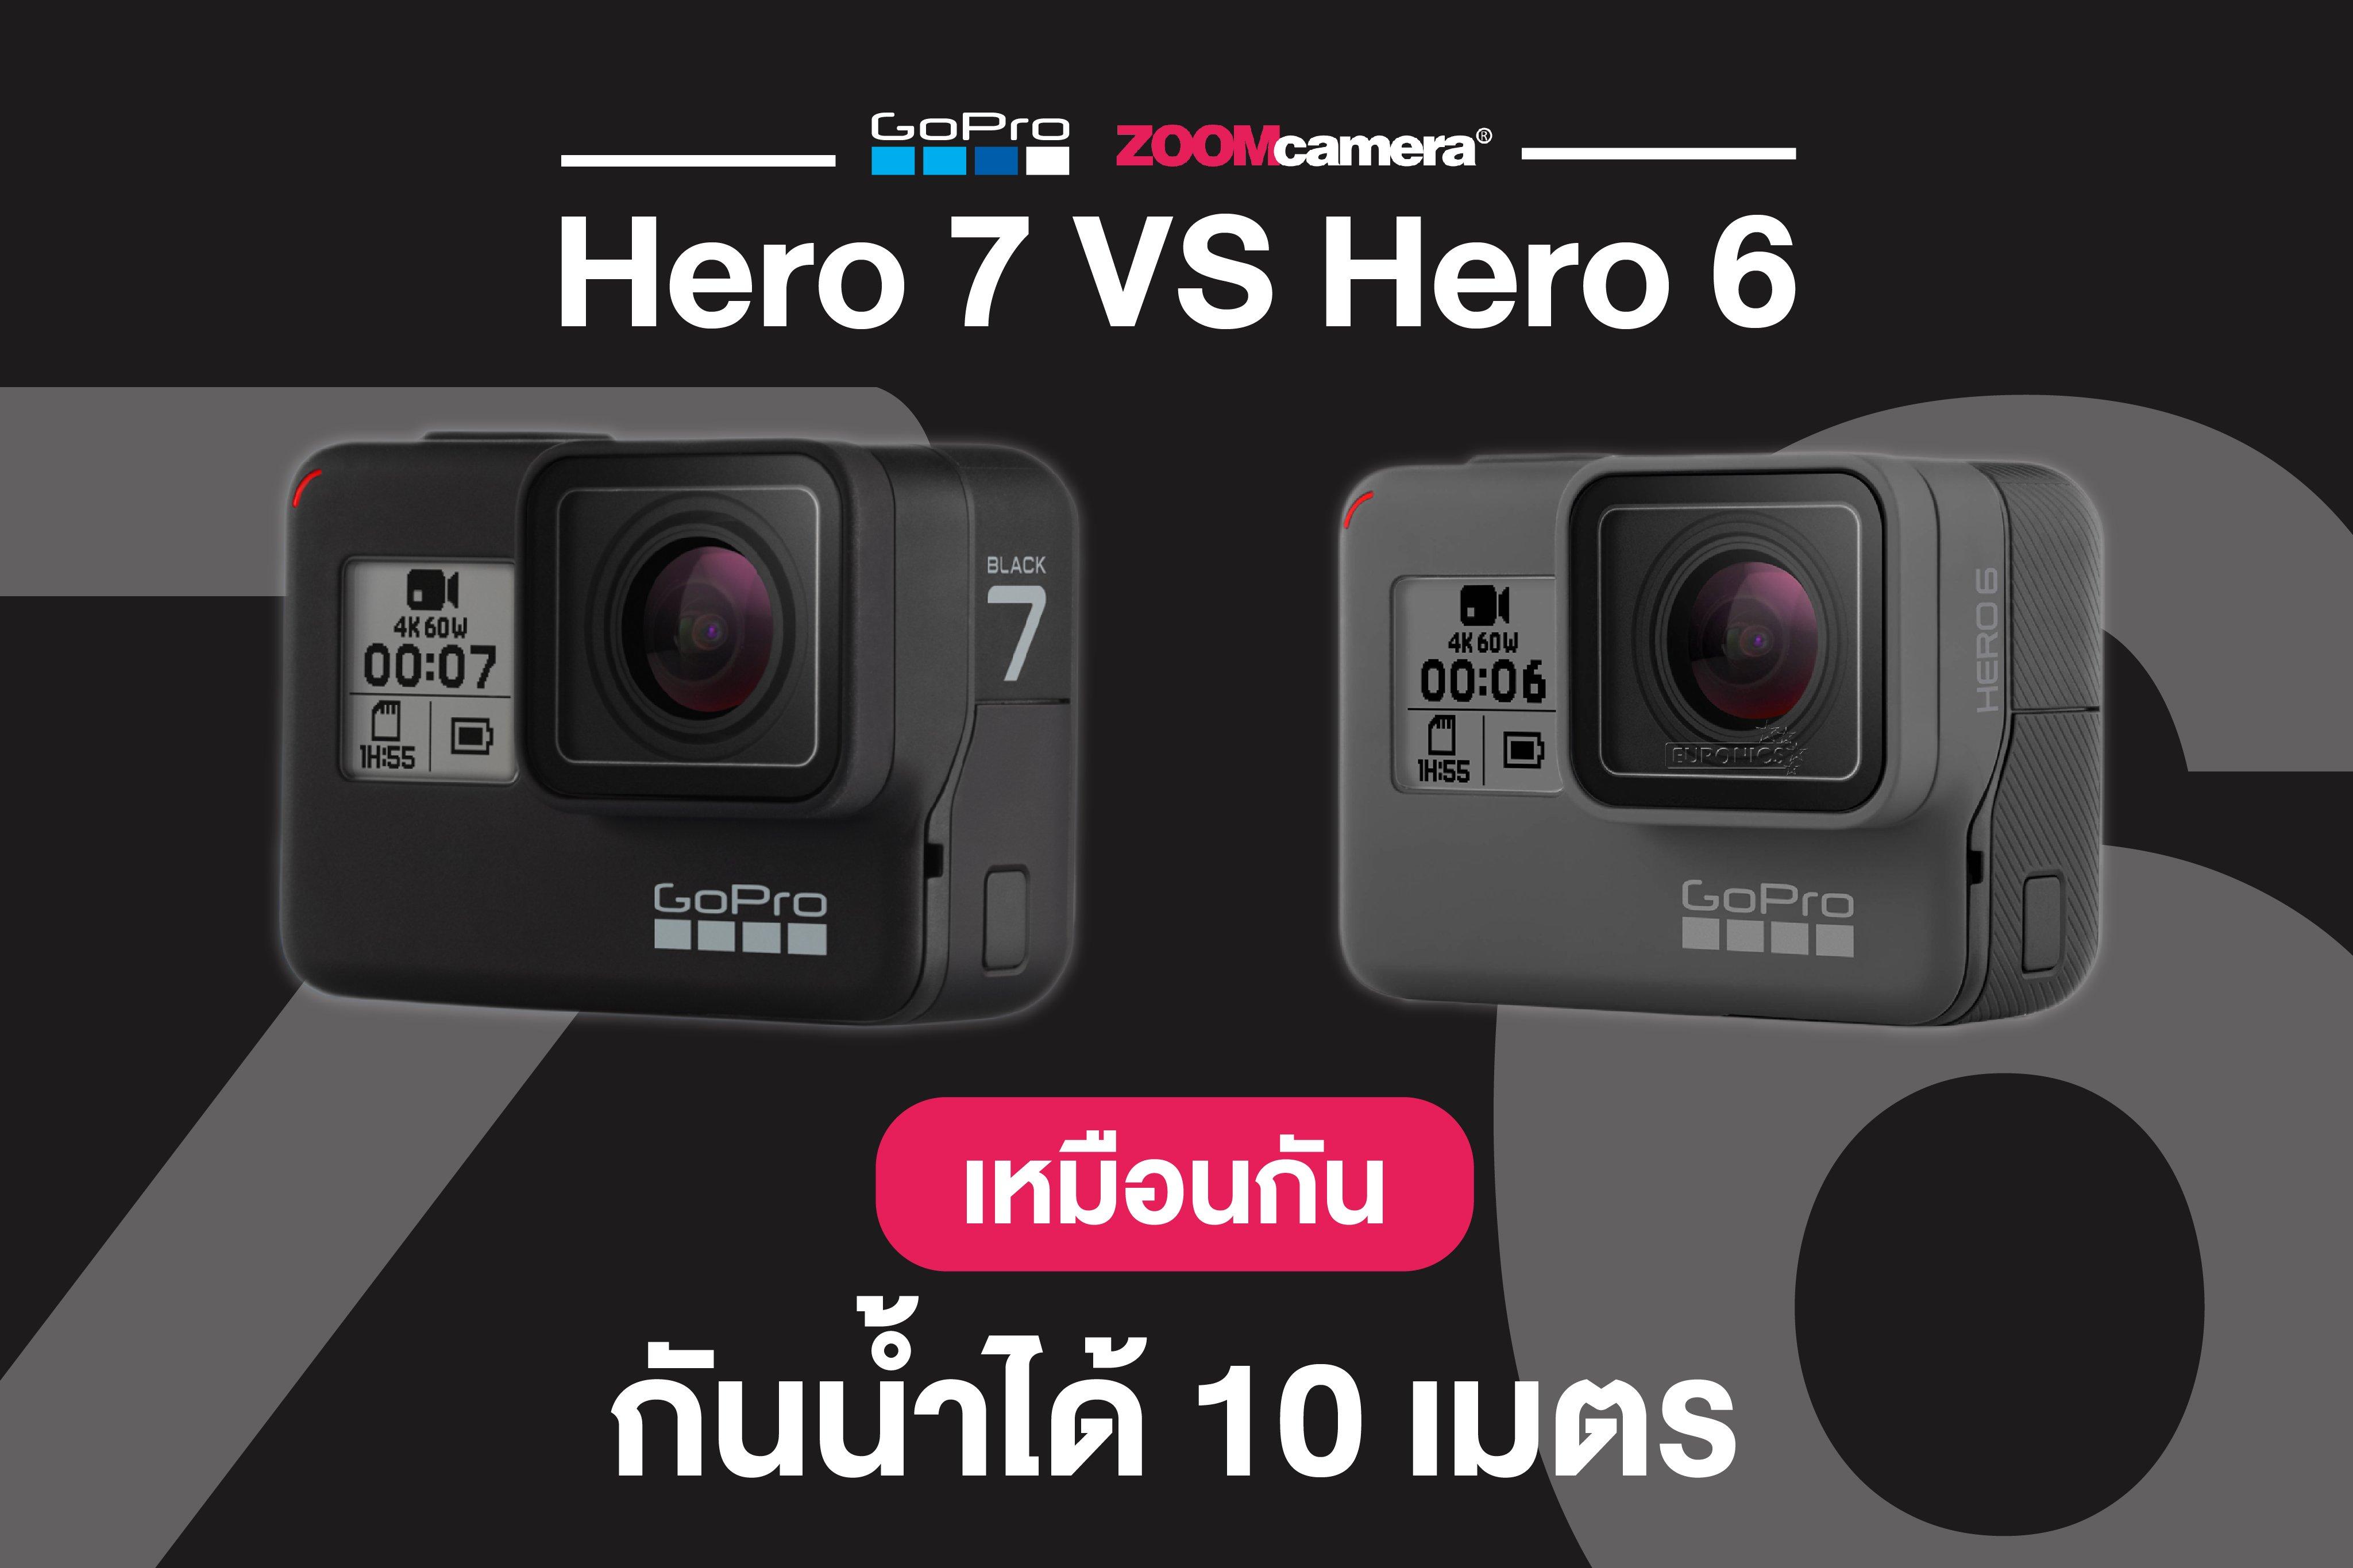 เปรียบเทียบ GOPRO HERO 7 VS GOPRO HERO 6